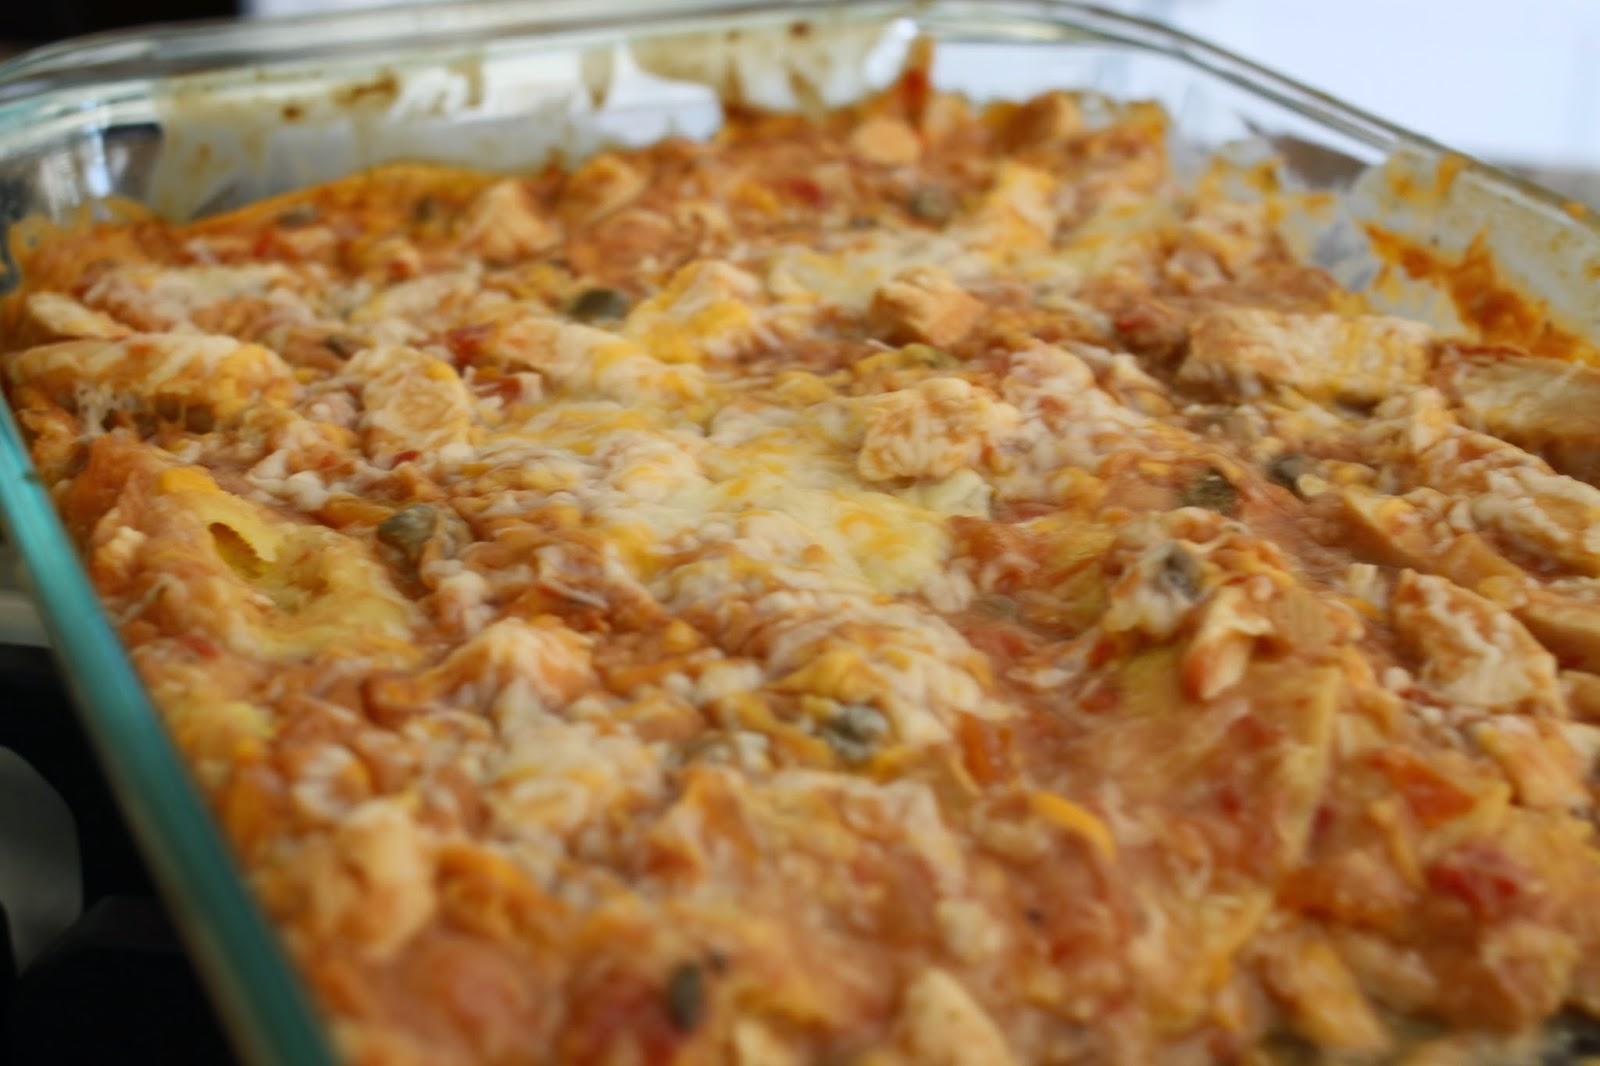 The Larson Lingo: Chicken Tortilla Casserole